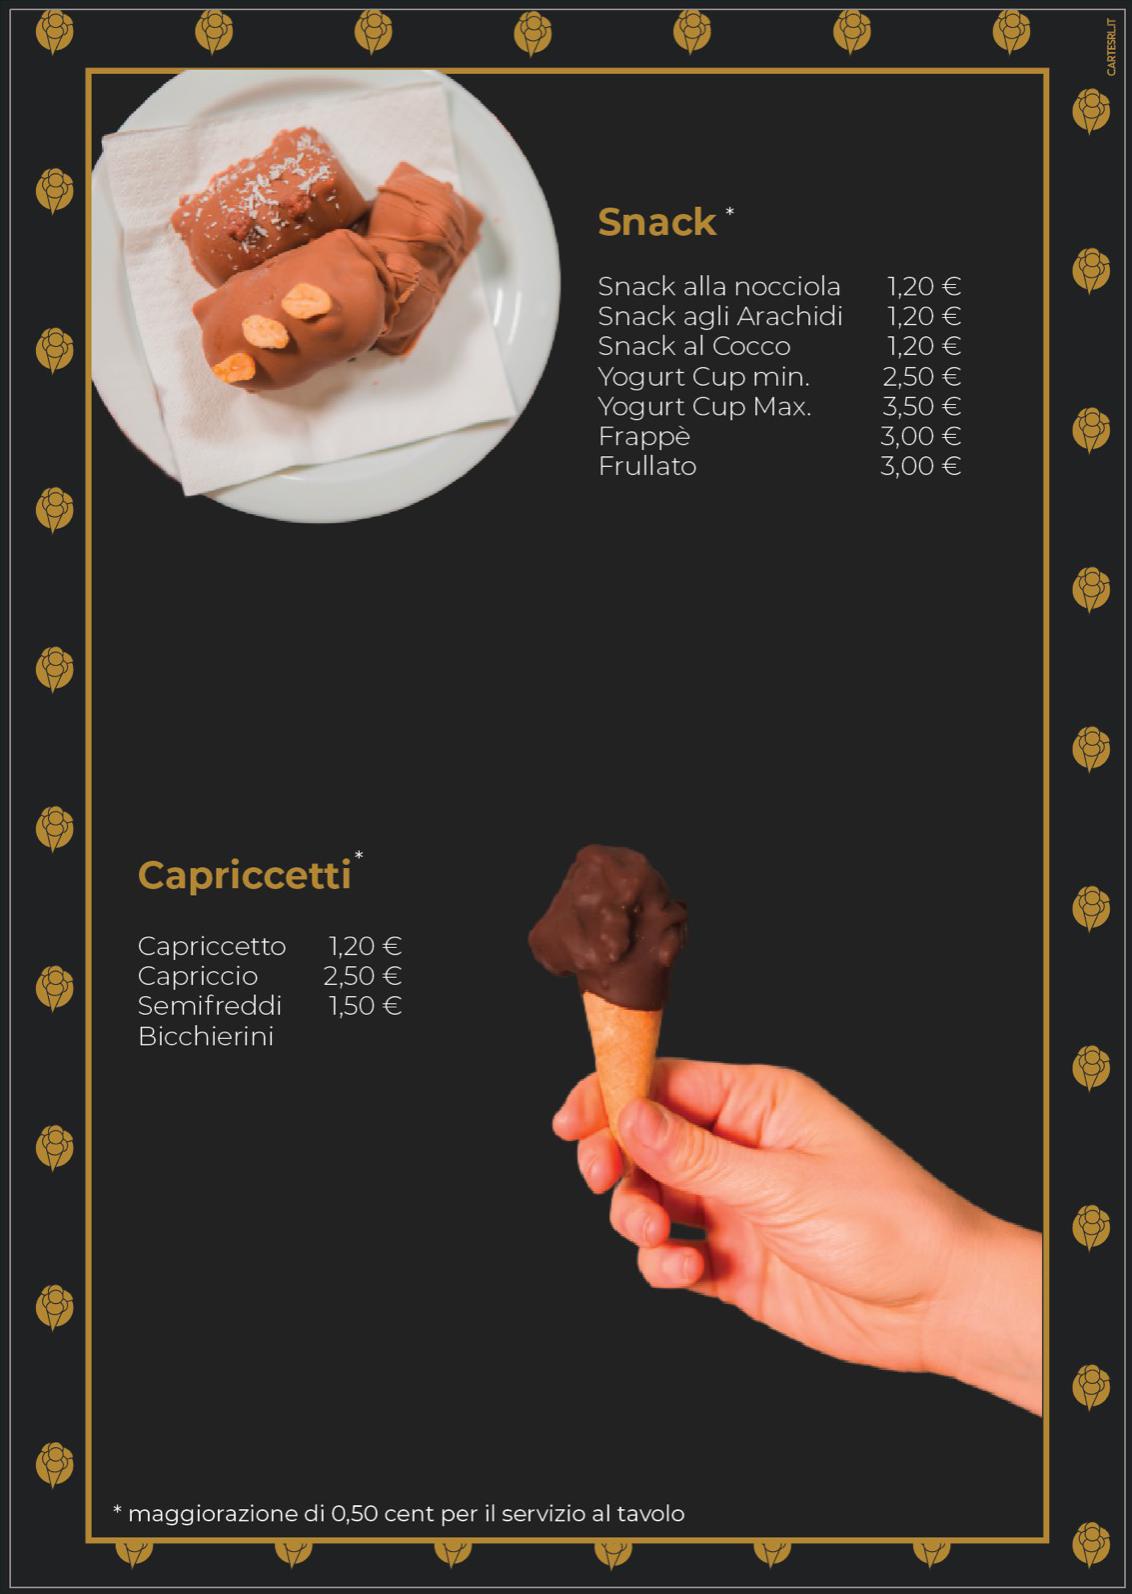 snack-e-capriccetti